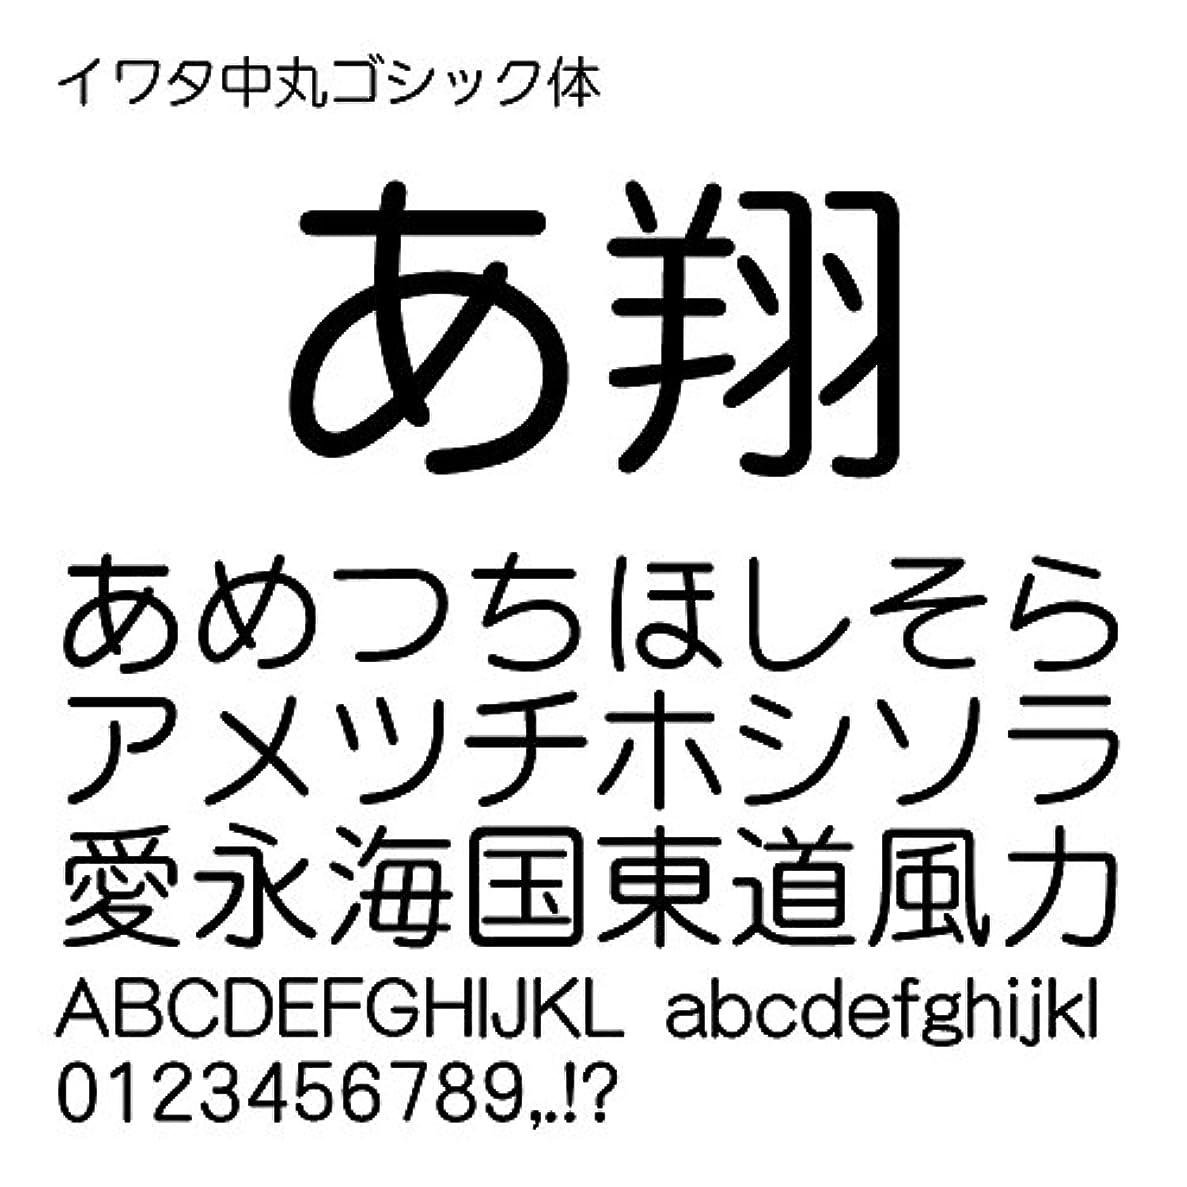 イワタ中丸ゴシック体 TrueType Font for Windows [ダウンロード]